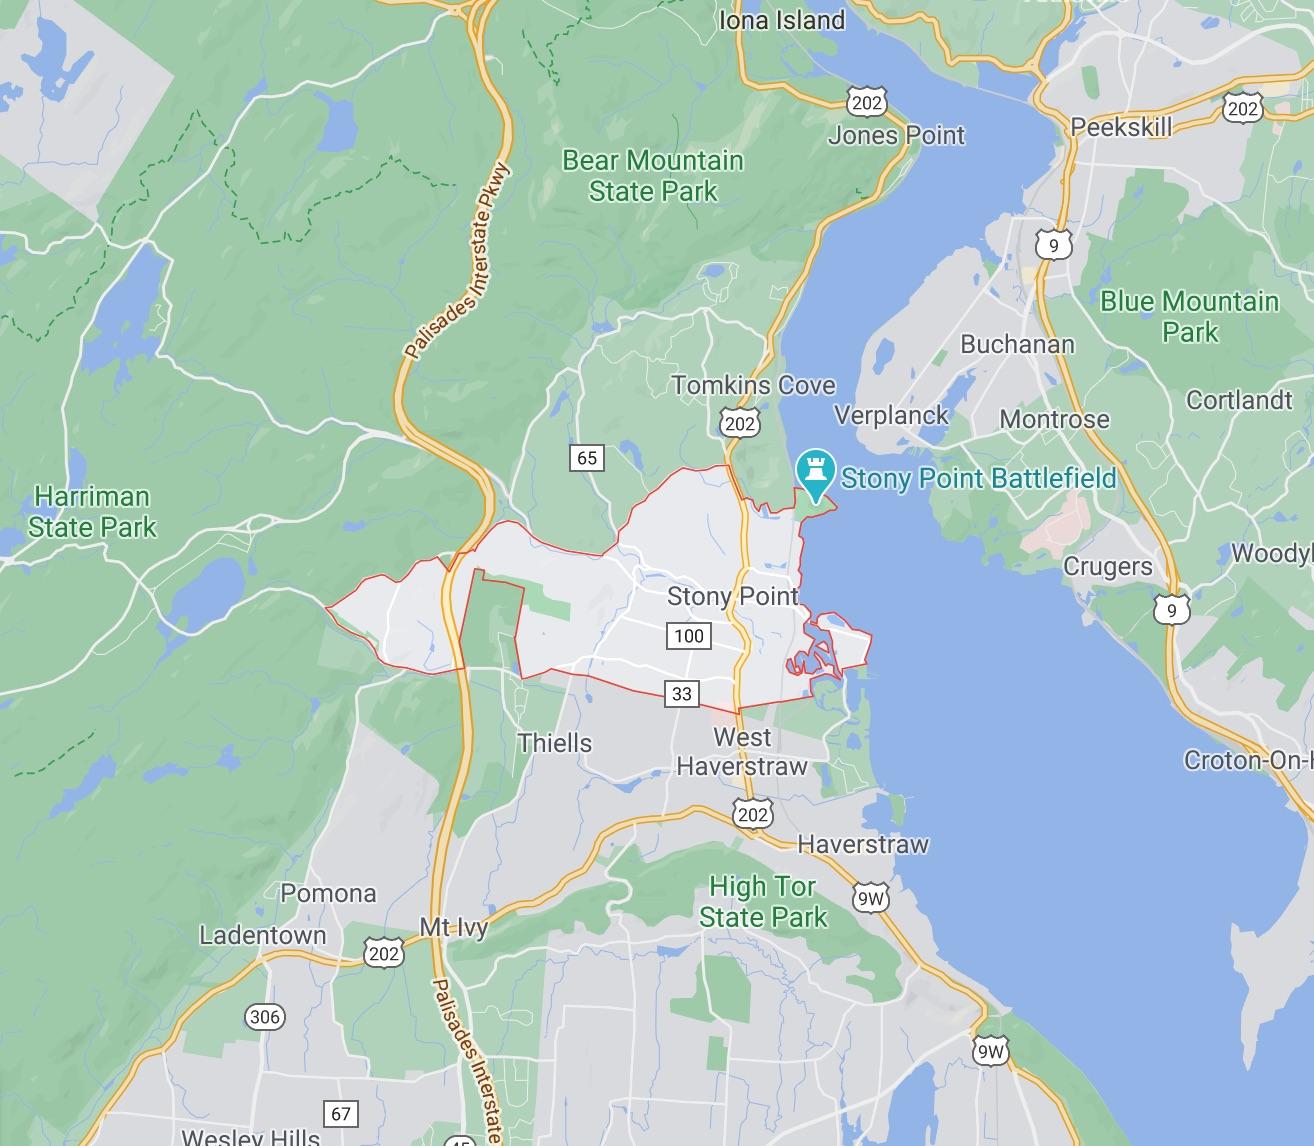 near, Stony, Point, Stony Point, NY, New York, long, Island, longisland, pet, store, petstore